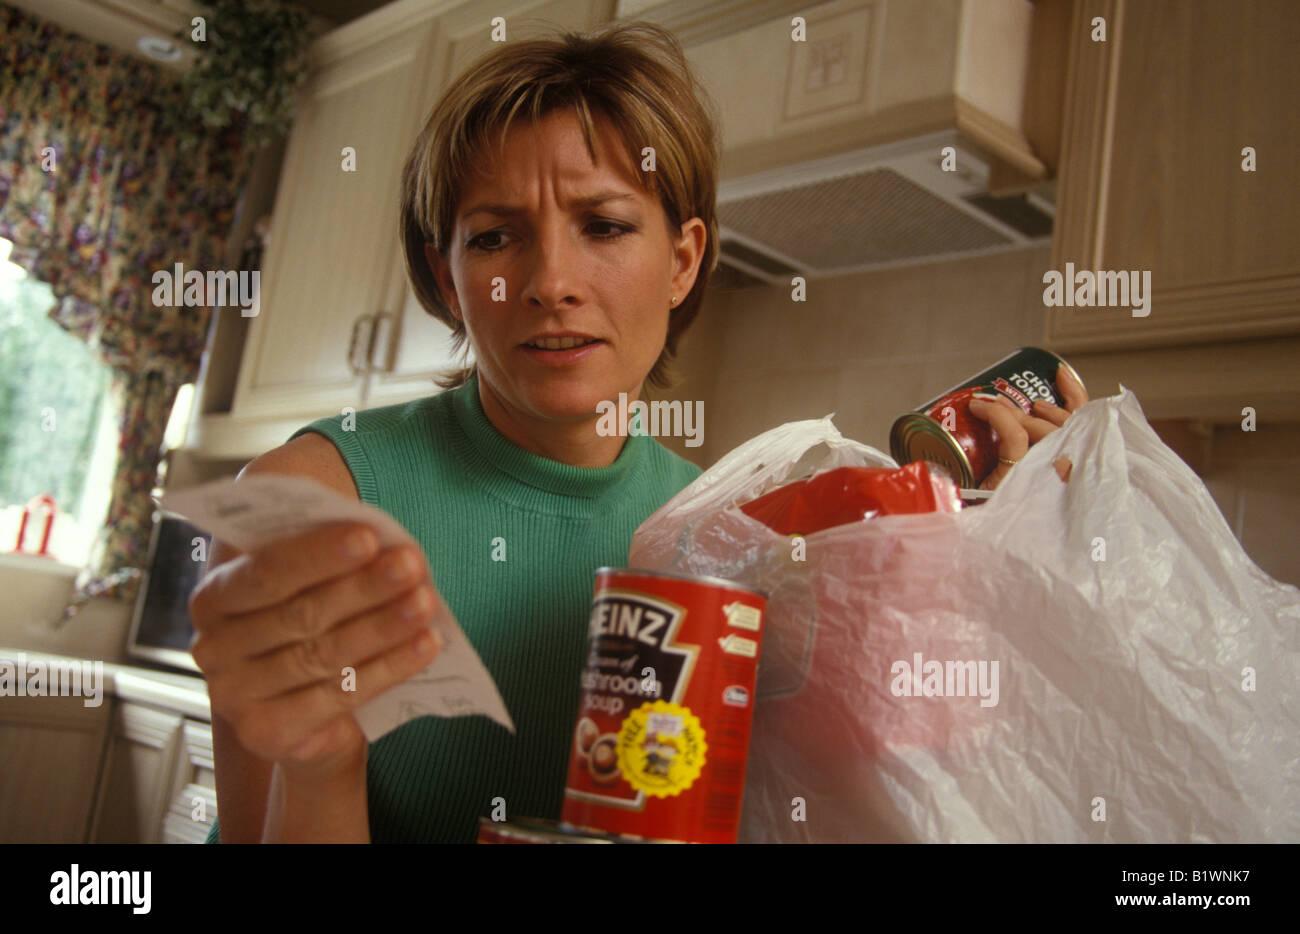 010c3e1e80 Frau verzweifelt ihr Einkaufen Auspacken und auf der Suche über Preise  Stockbild